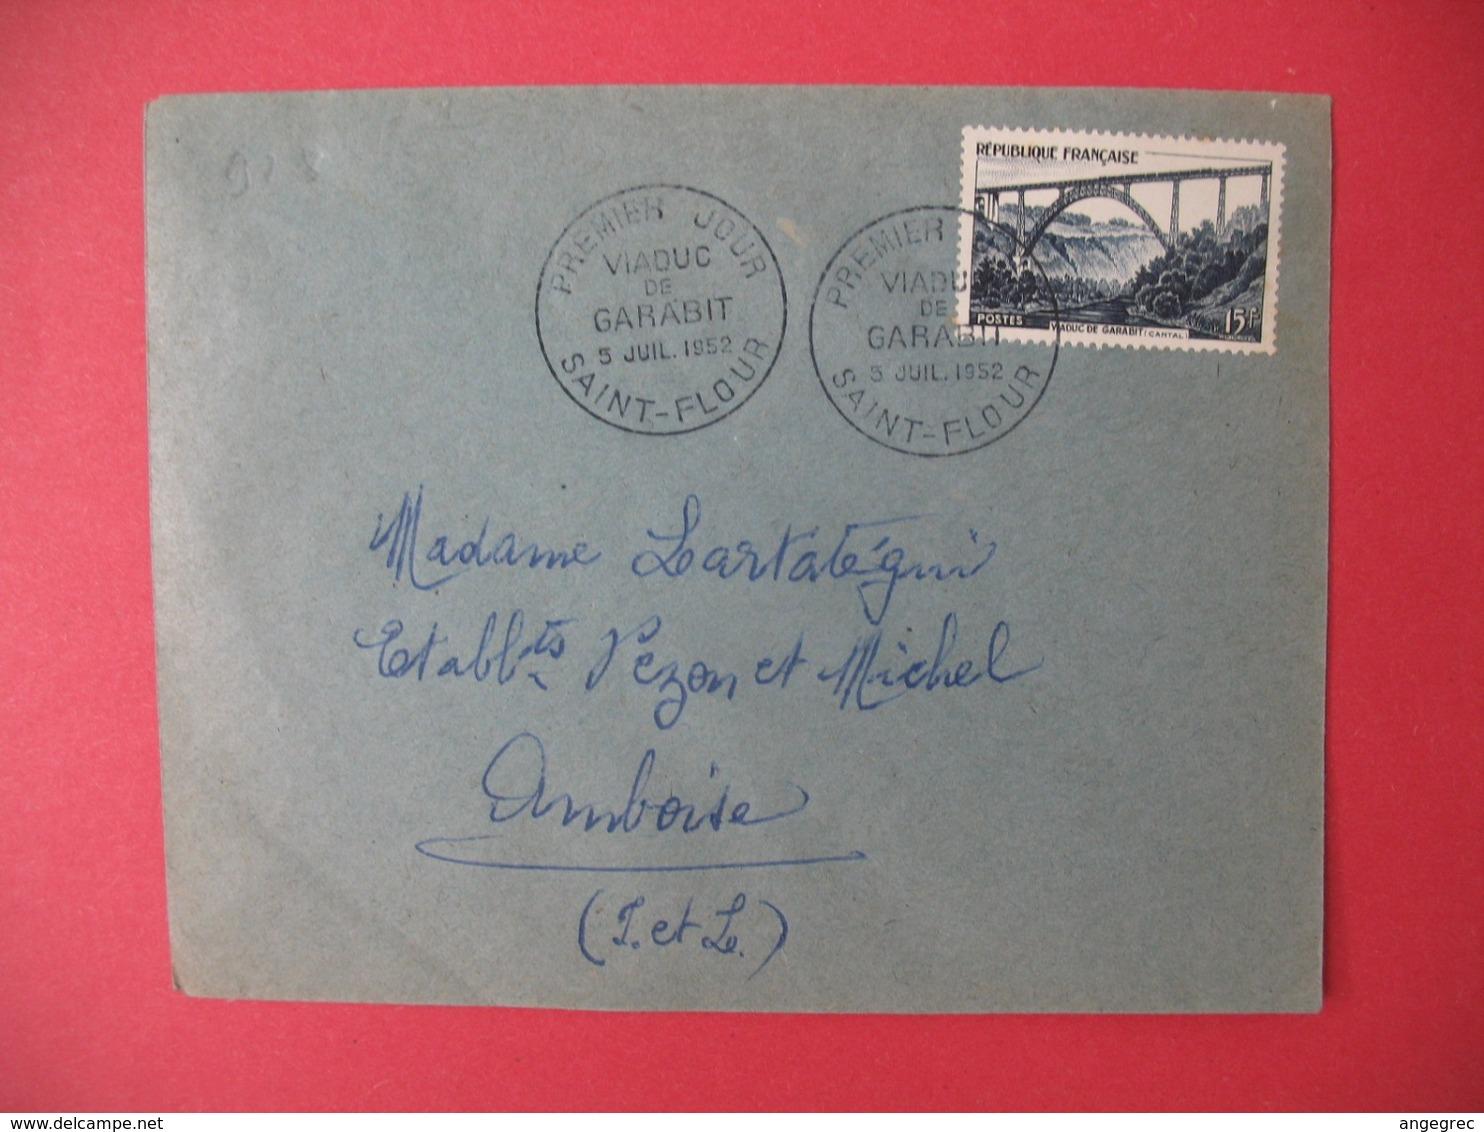 FDC France 1952 N° 928  - Viaduc De Garabit  Cachet St-Flour - 1950-1959